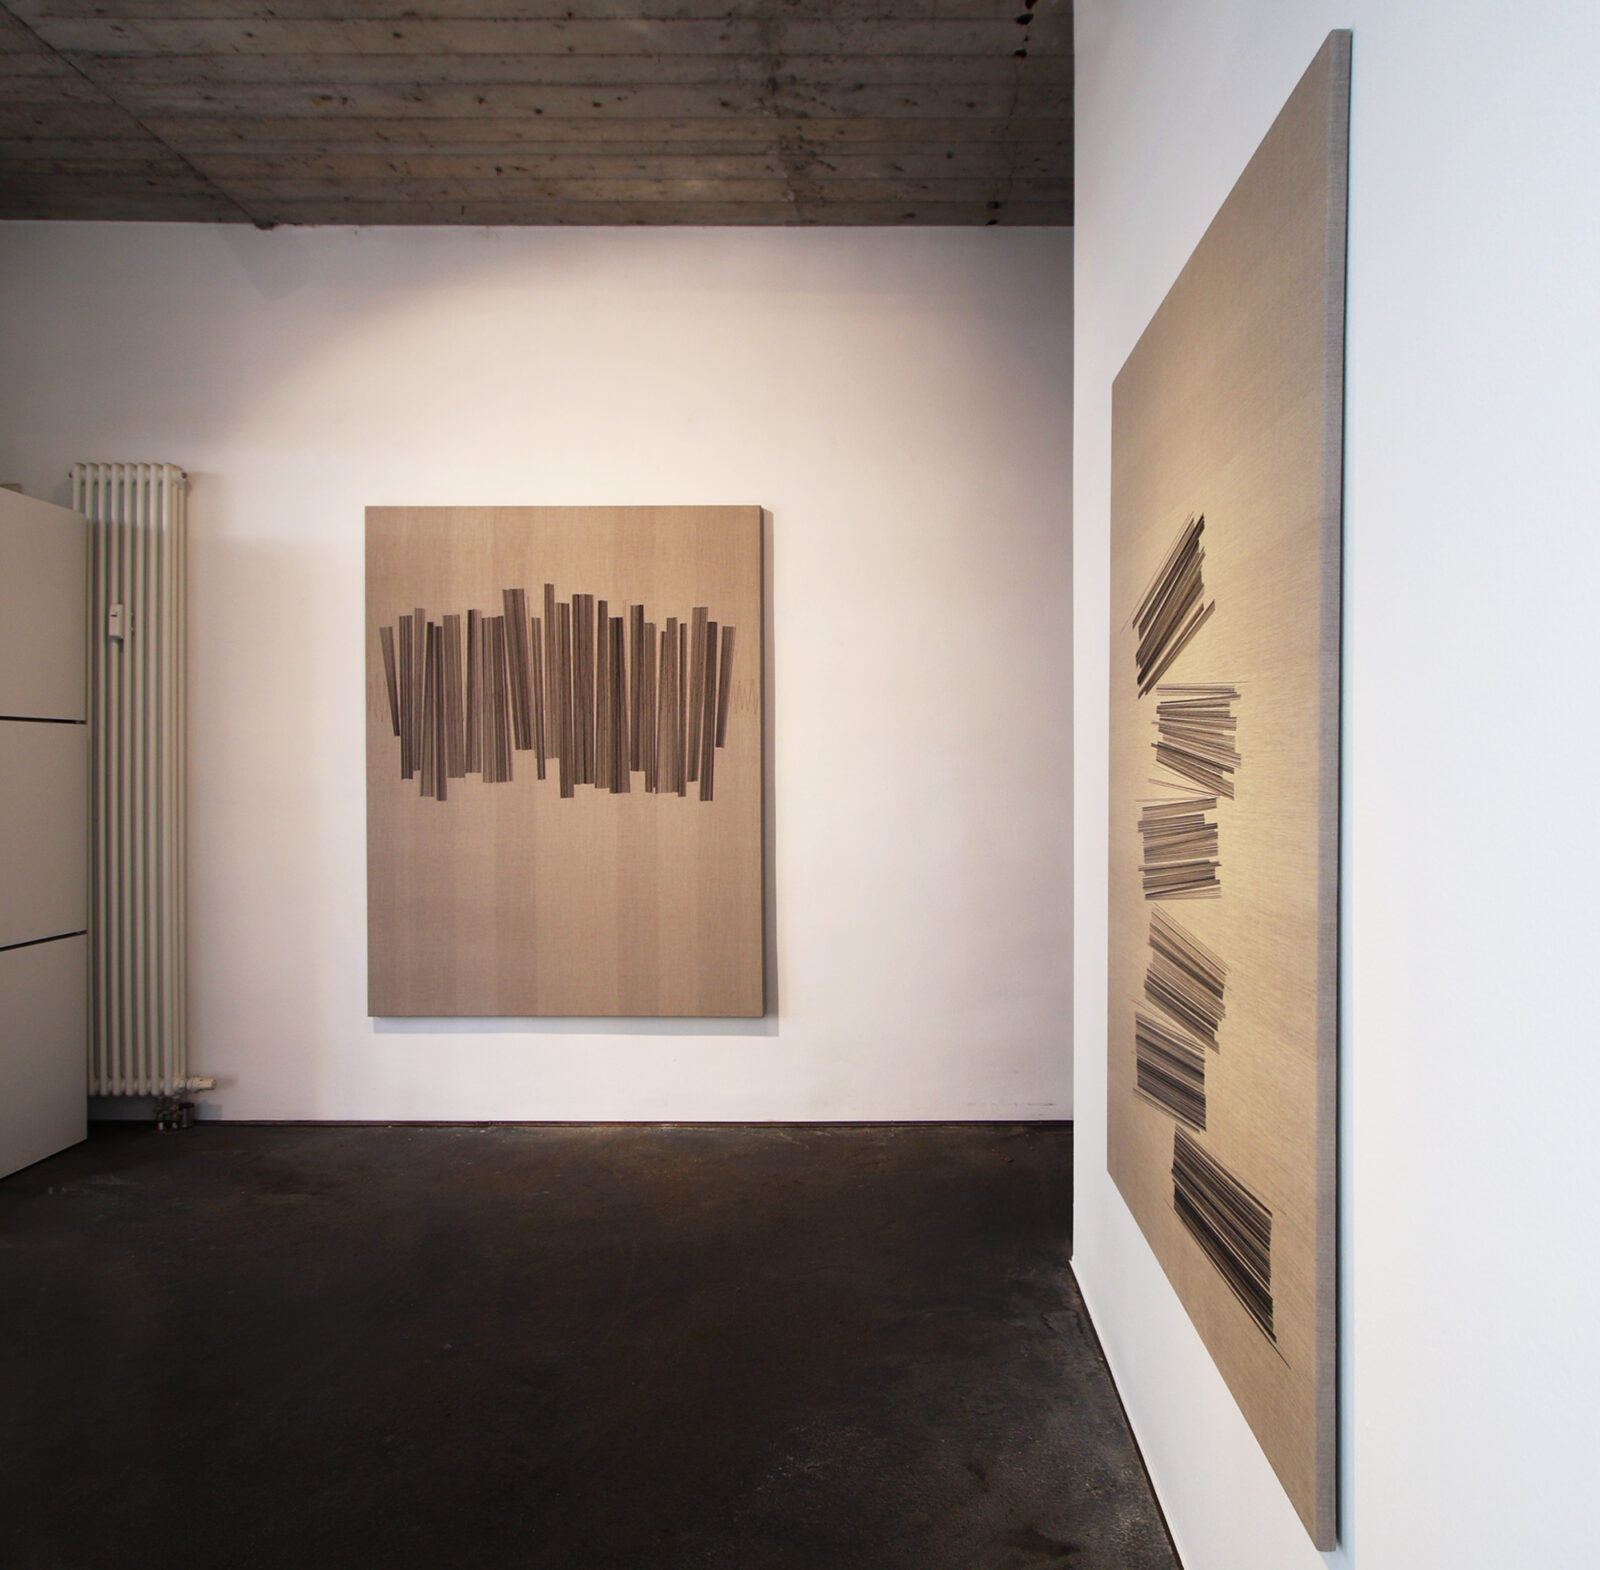 Galerie Maurer 7